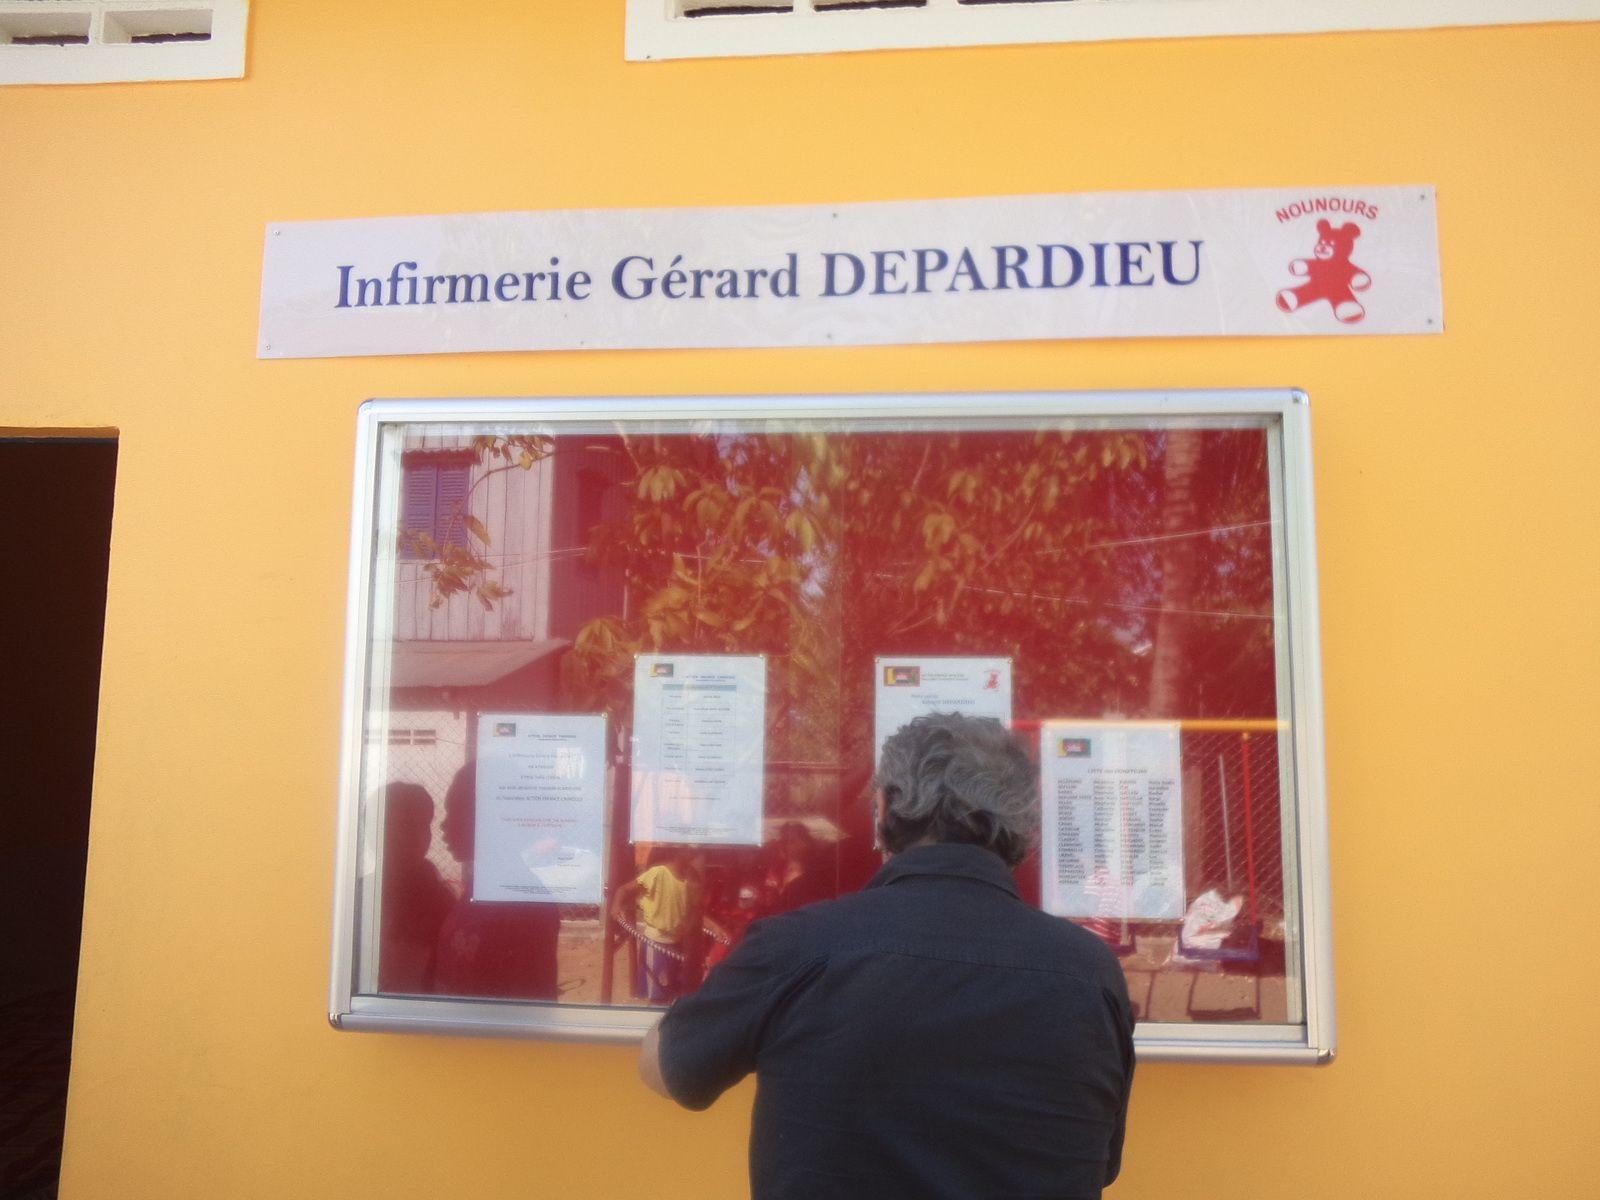 Visite  de l'infirmerie Gérard DEPARDIEU au CAMBODGE